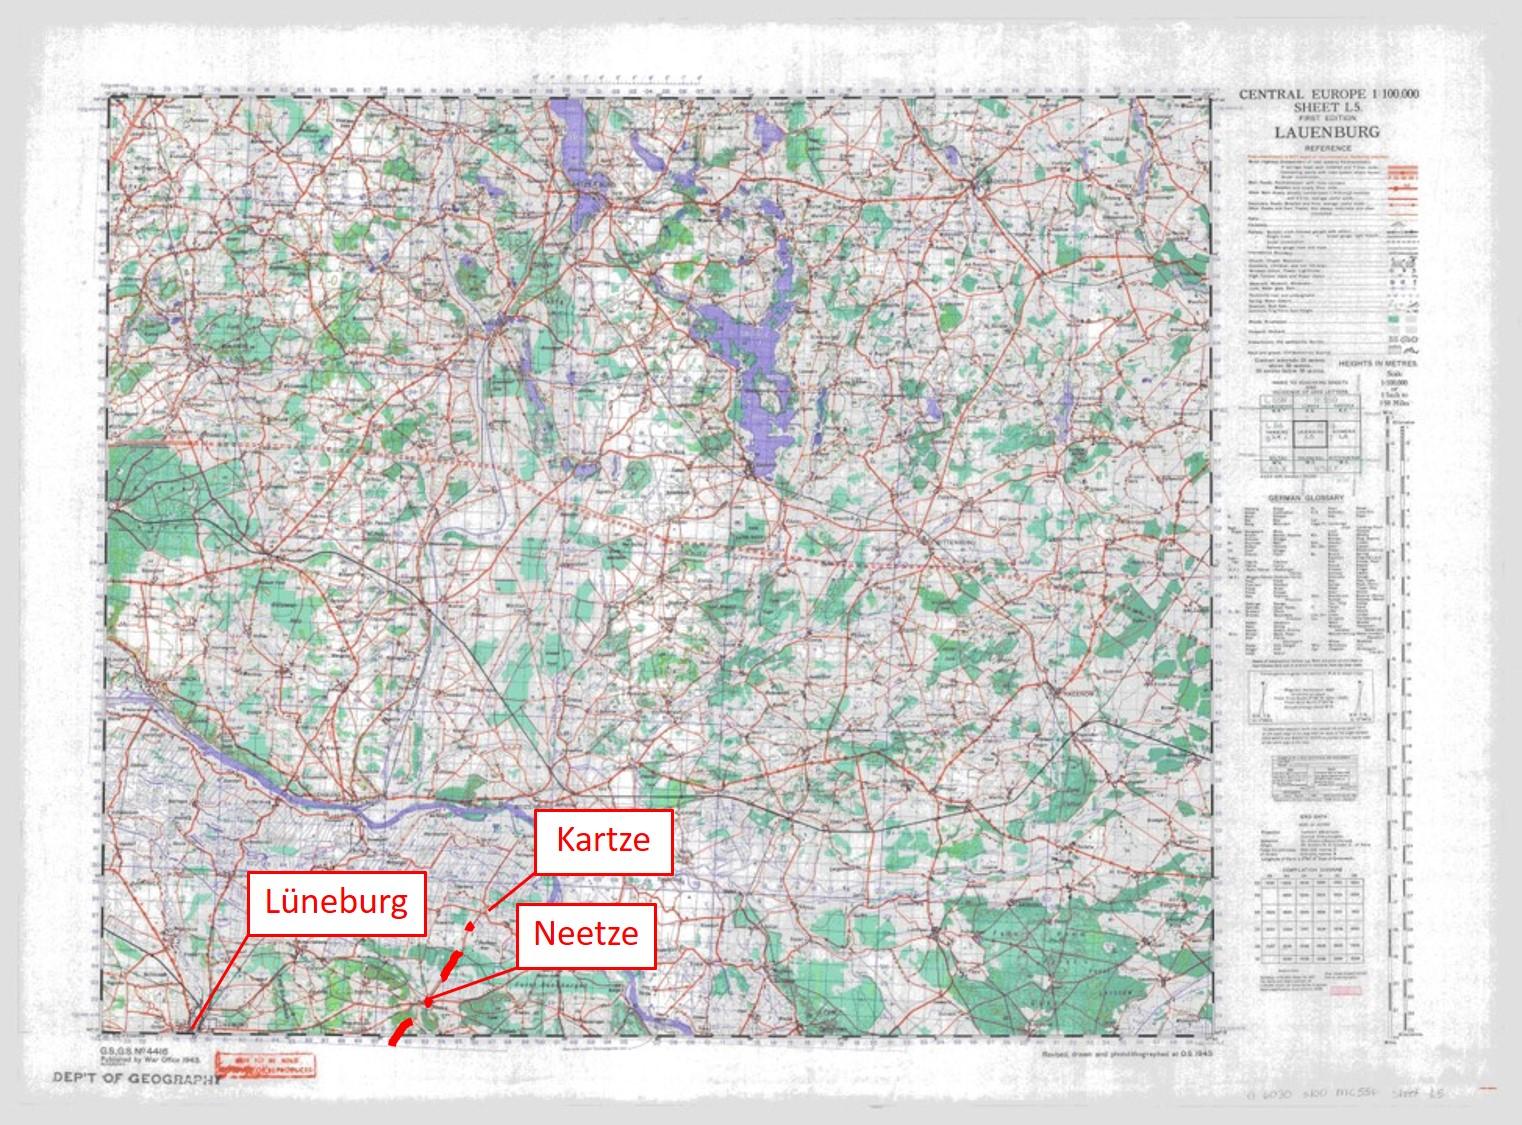 060A - GSGS-4416-Lauenburg